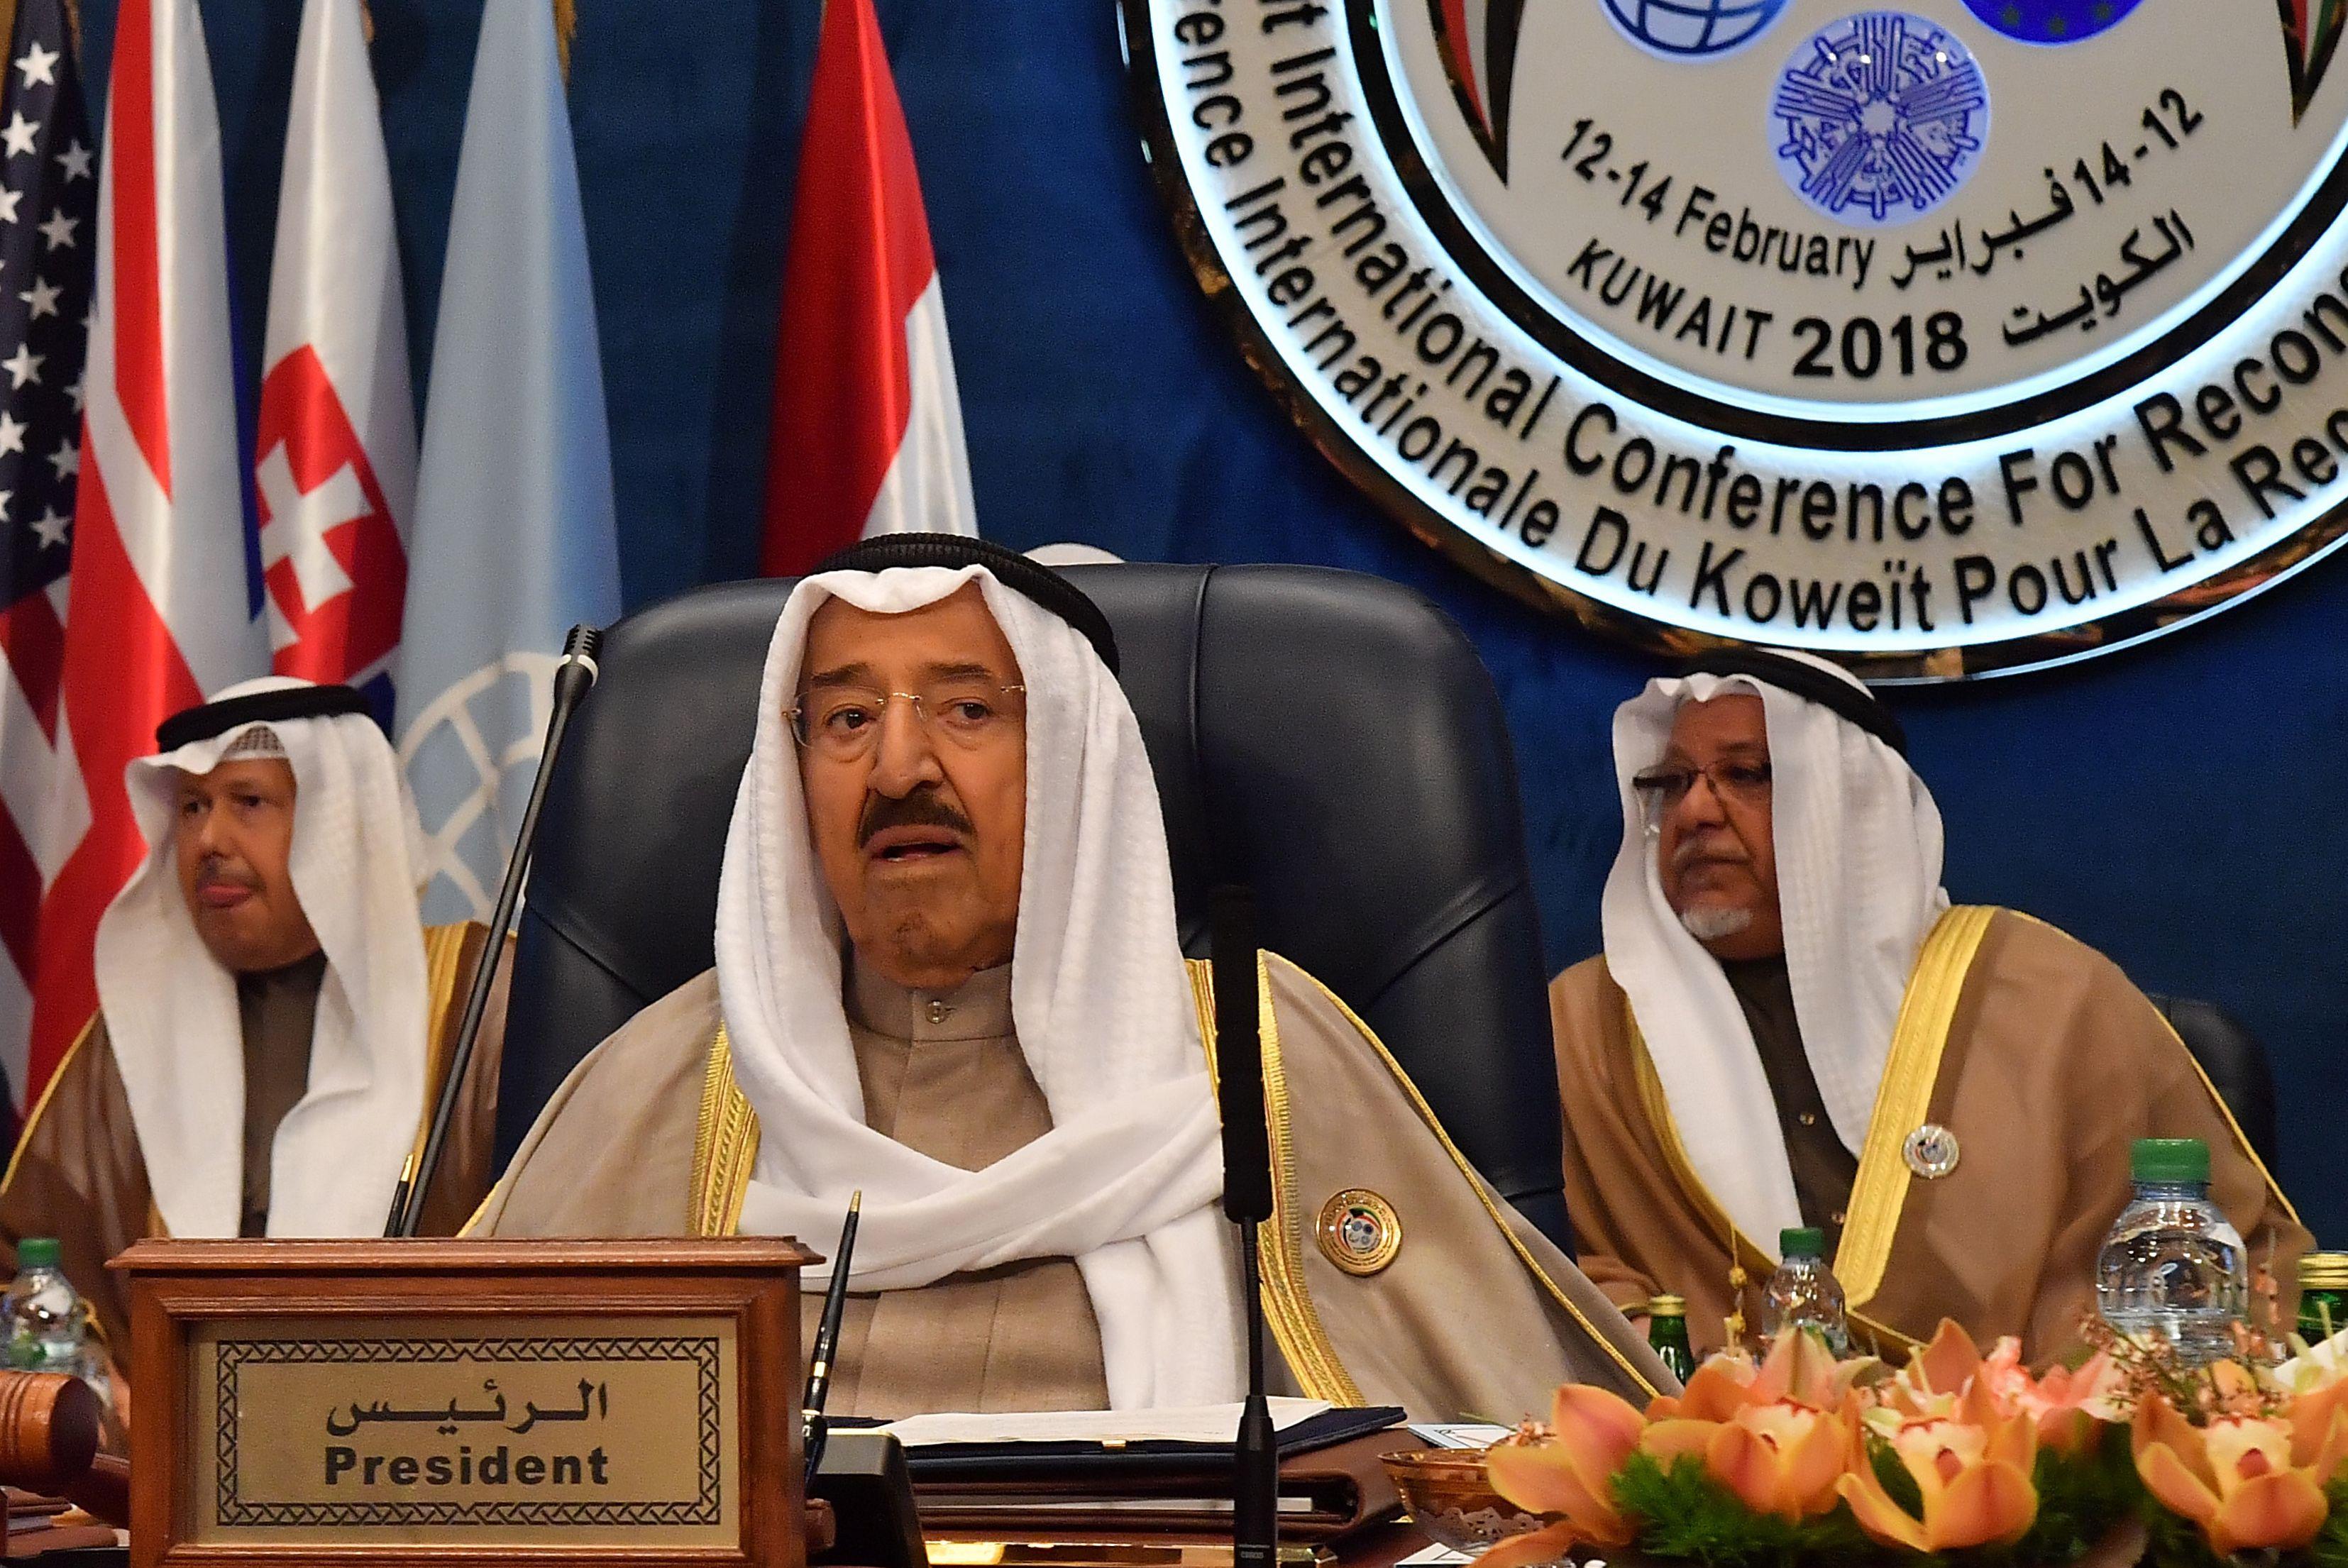 الشيخ صباح الاحمد الجابر الصباح رئيس دولة الكويت